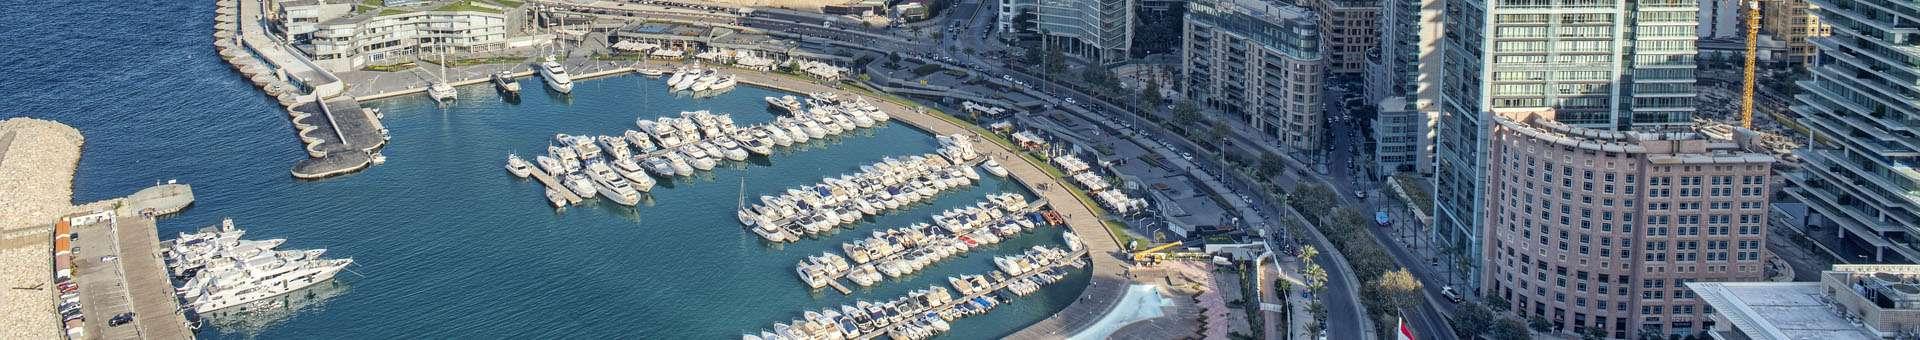 Rechercher des informations WHOIS sur les noms de domaine au Liban